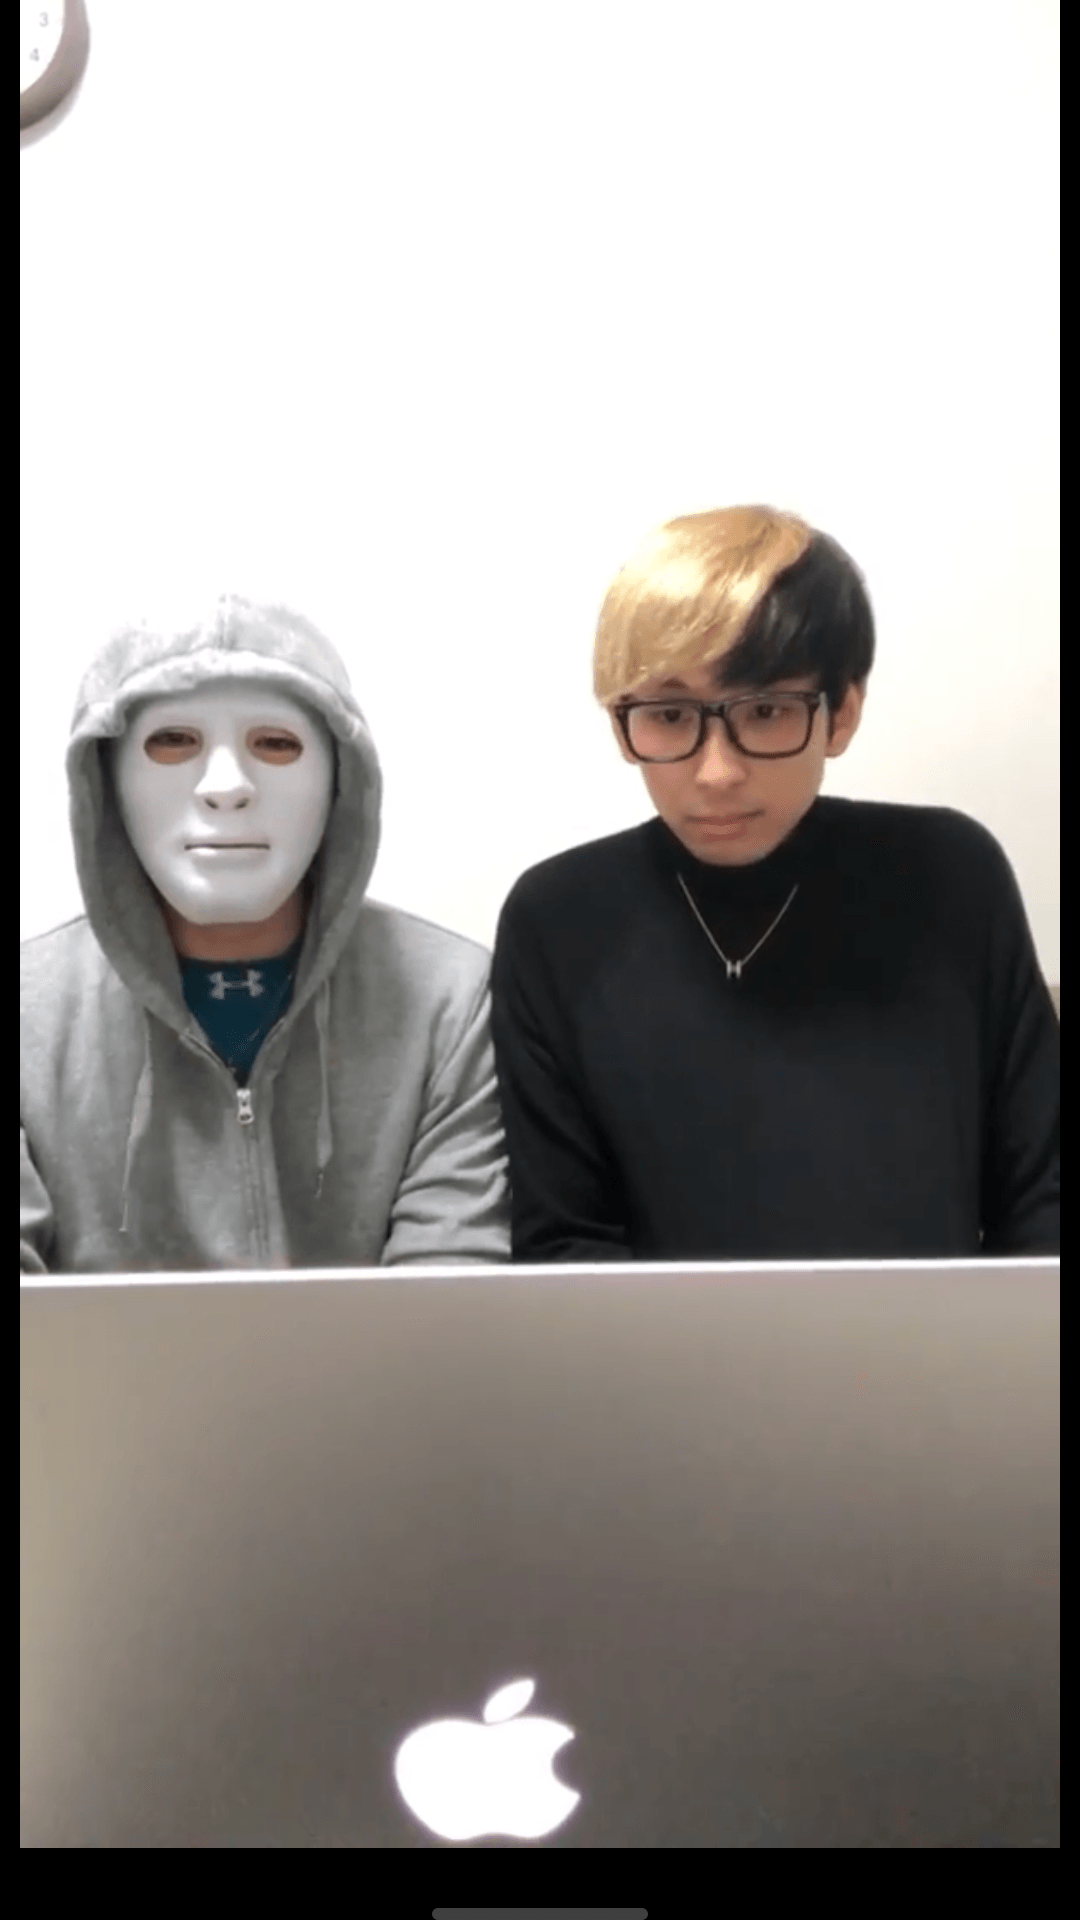 麻里-まり「(´Д⊂ヽ」12/15(金) 11:46 | 麻里-まりの写メ・風俗動画